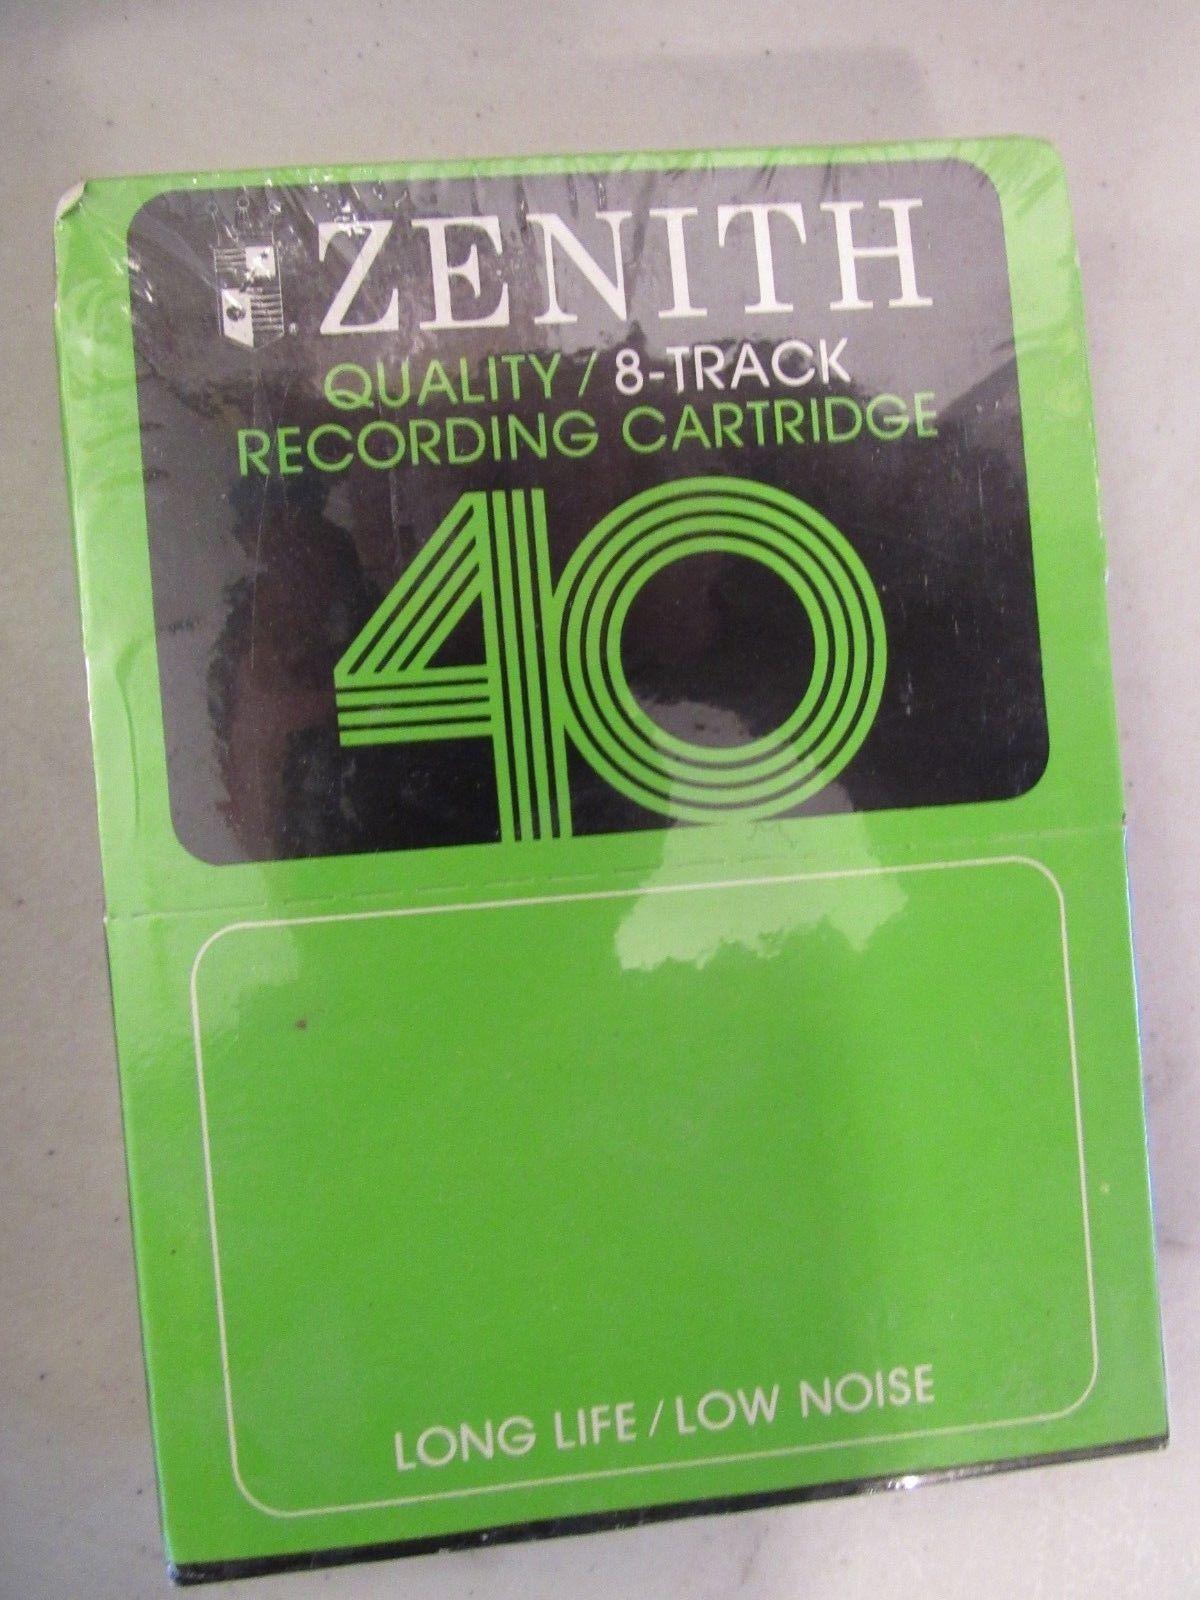 Lot of 2 Vintage 8-Track Storage Case Holder for 12 Cartridges & Blanks Tapes